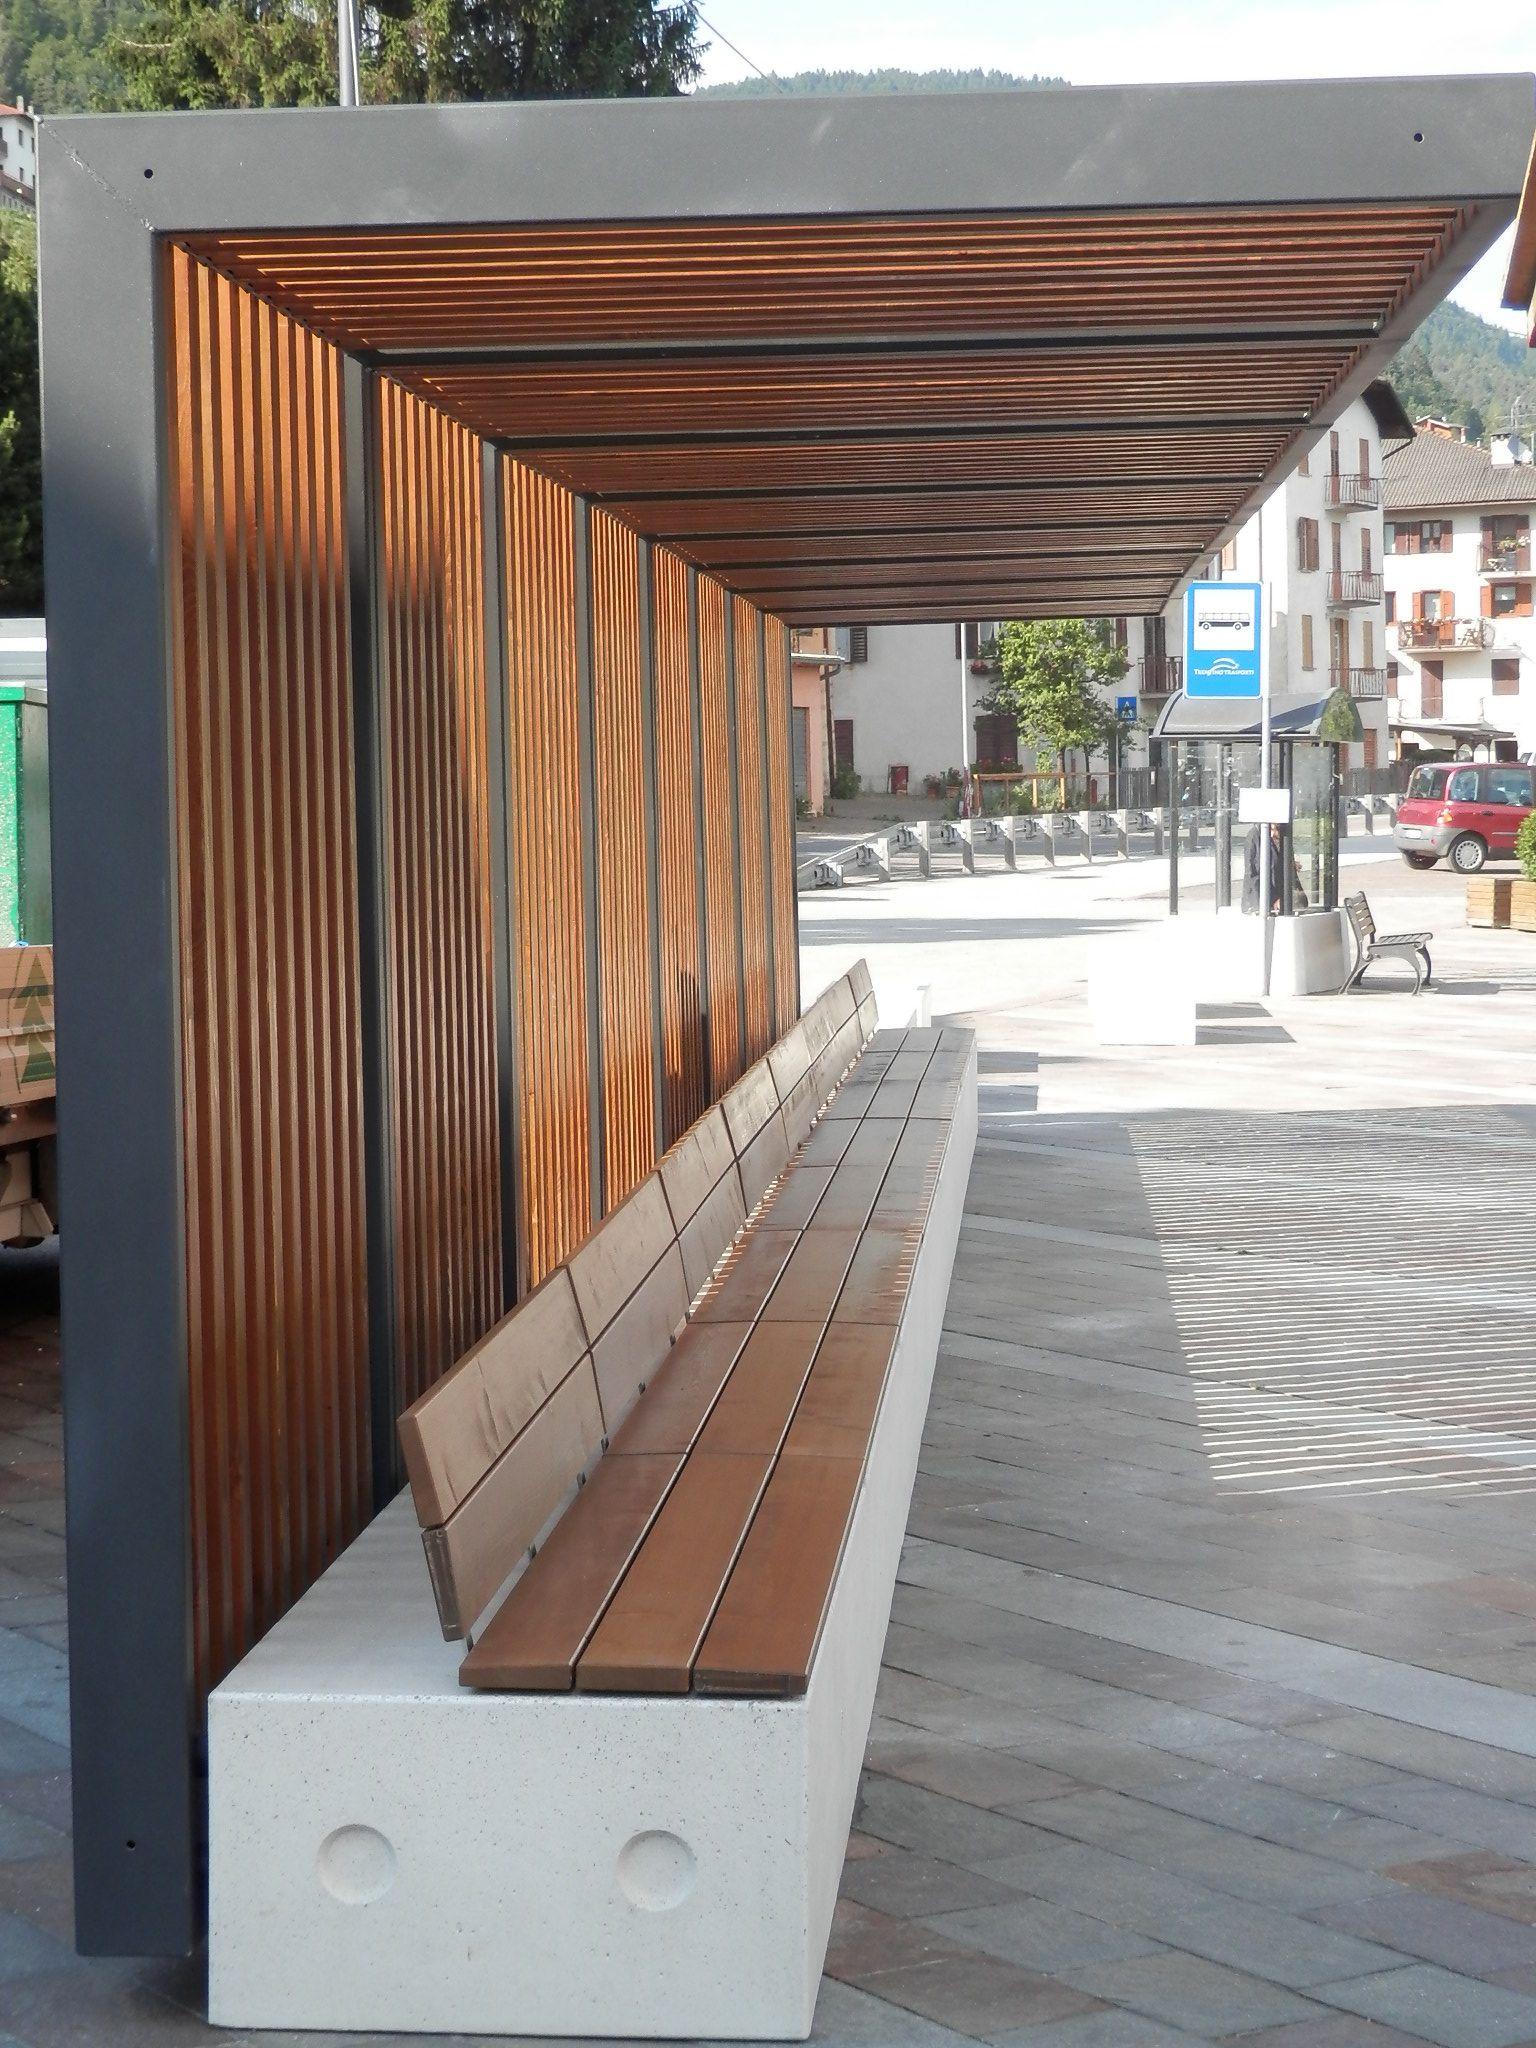 Mobiliario urbano espacios publicos for Mobiliario espacio publico